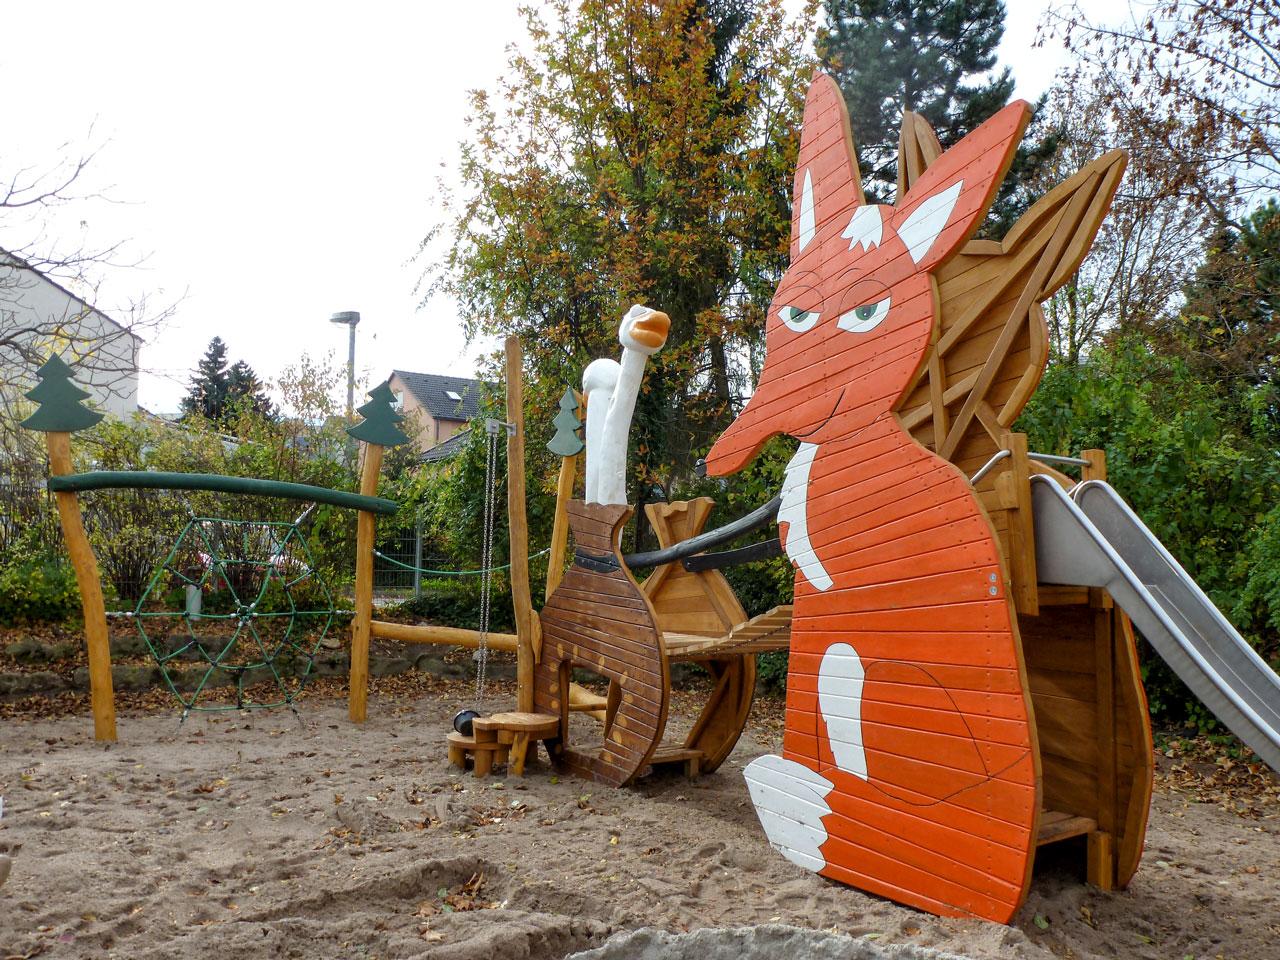 N 114 Themenspielplatz Hungriger Fuchs und Gänse